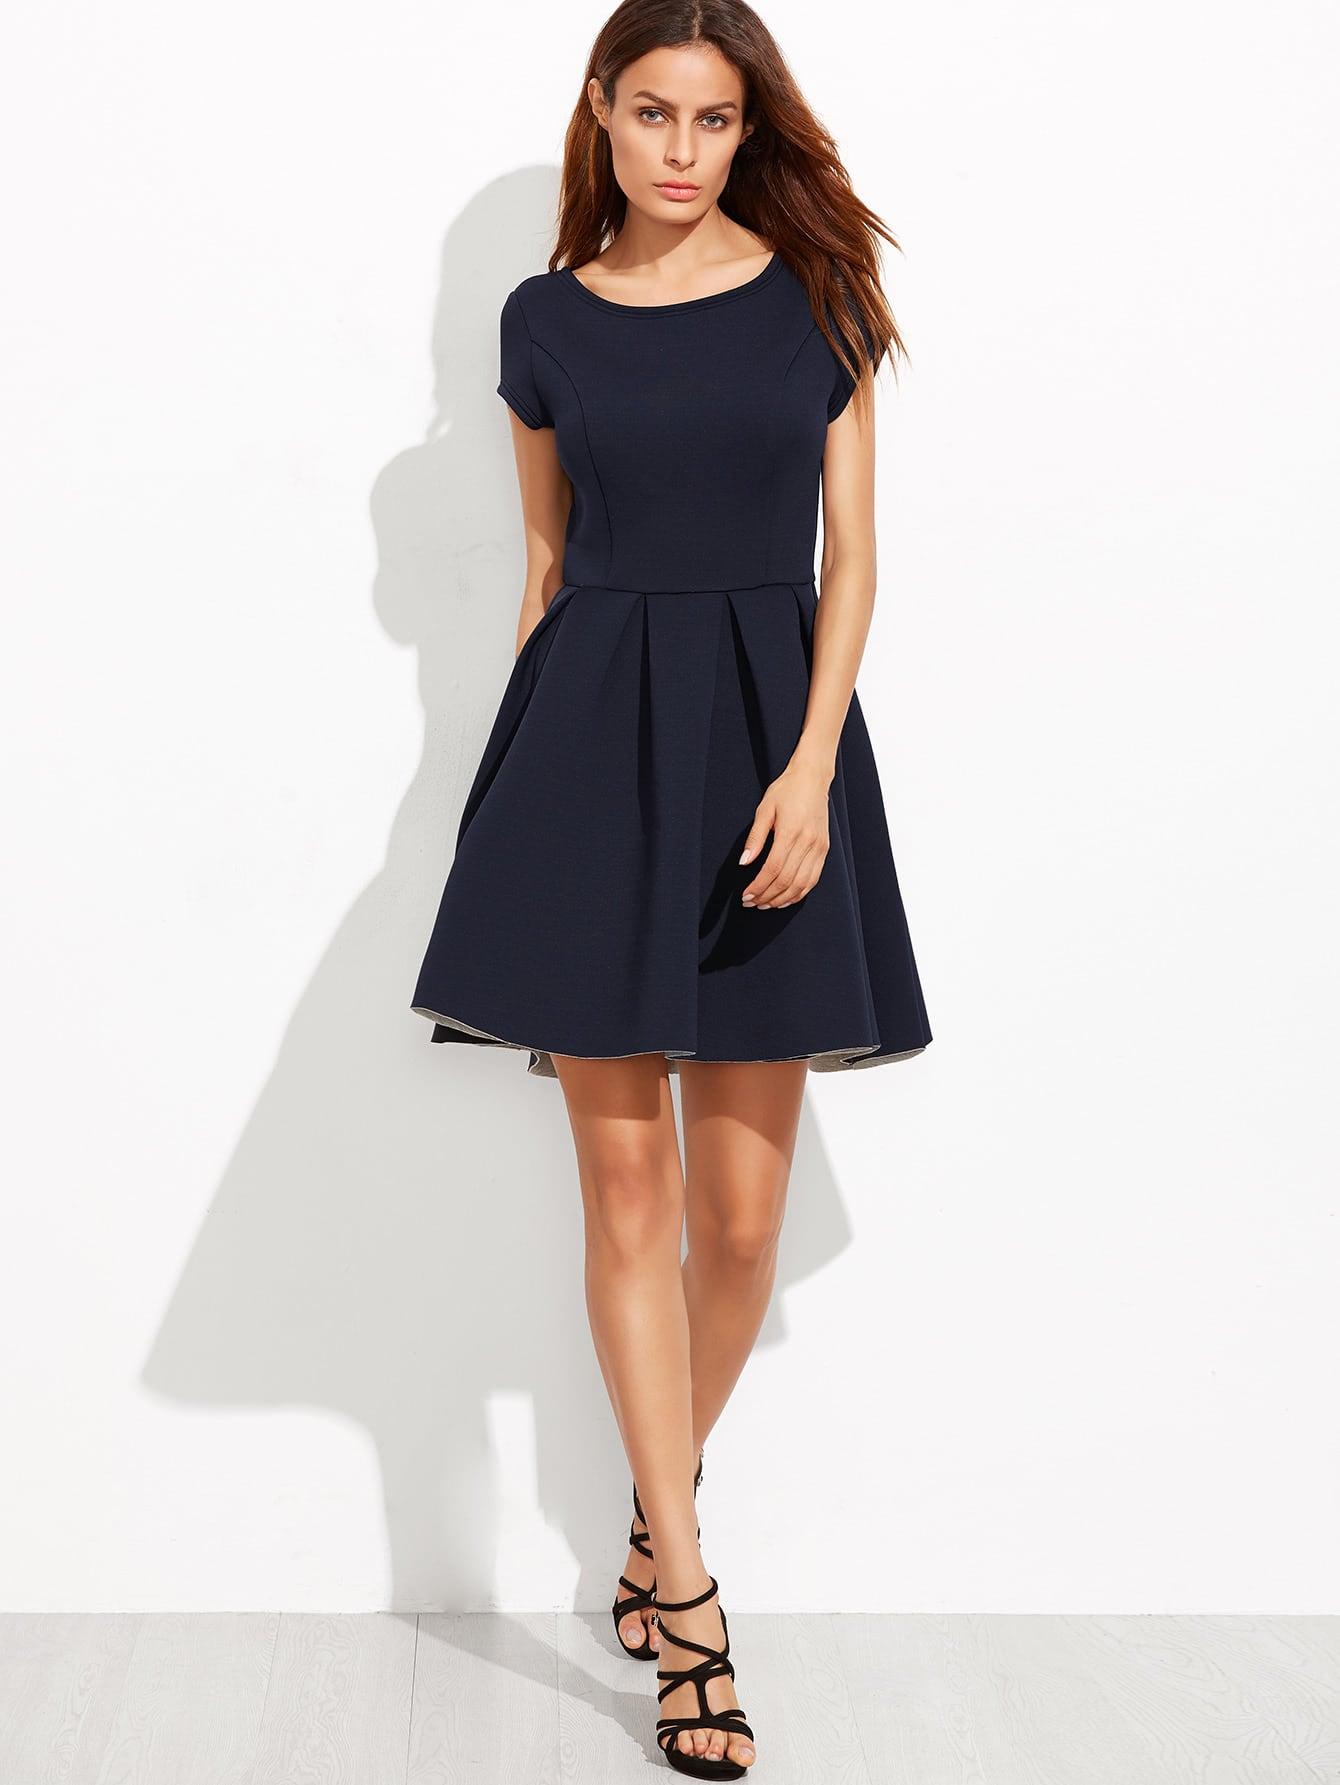 dress160909702_2